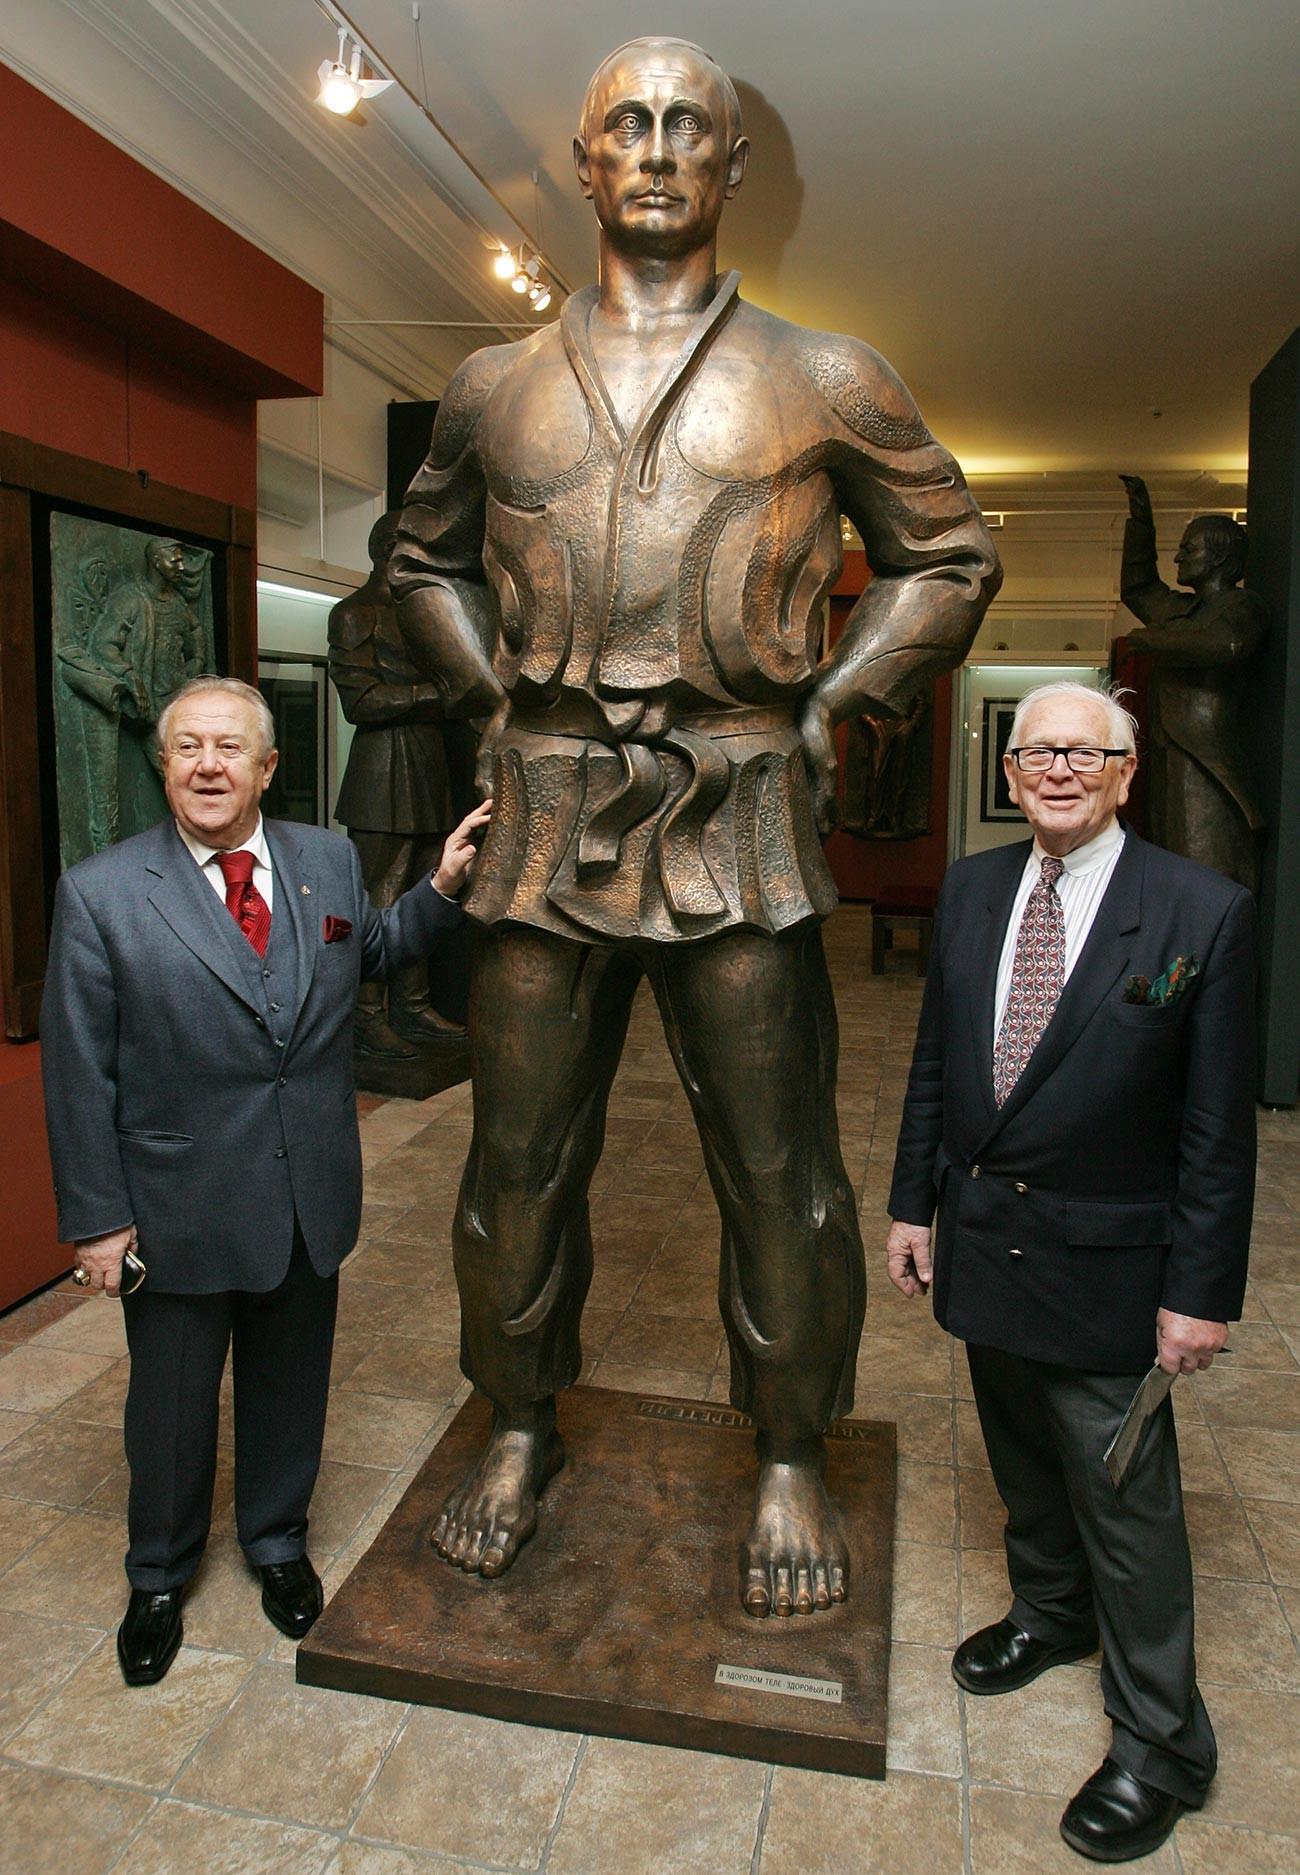 El escultor ruso Zurab Tsereteli, su estatua de Vladímir Putin, y Pierre Cardin. Tsereteli le concedió a Cardin el título de miembro honorario de la Academia Rusa de las Artes, 2008